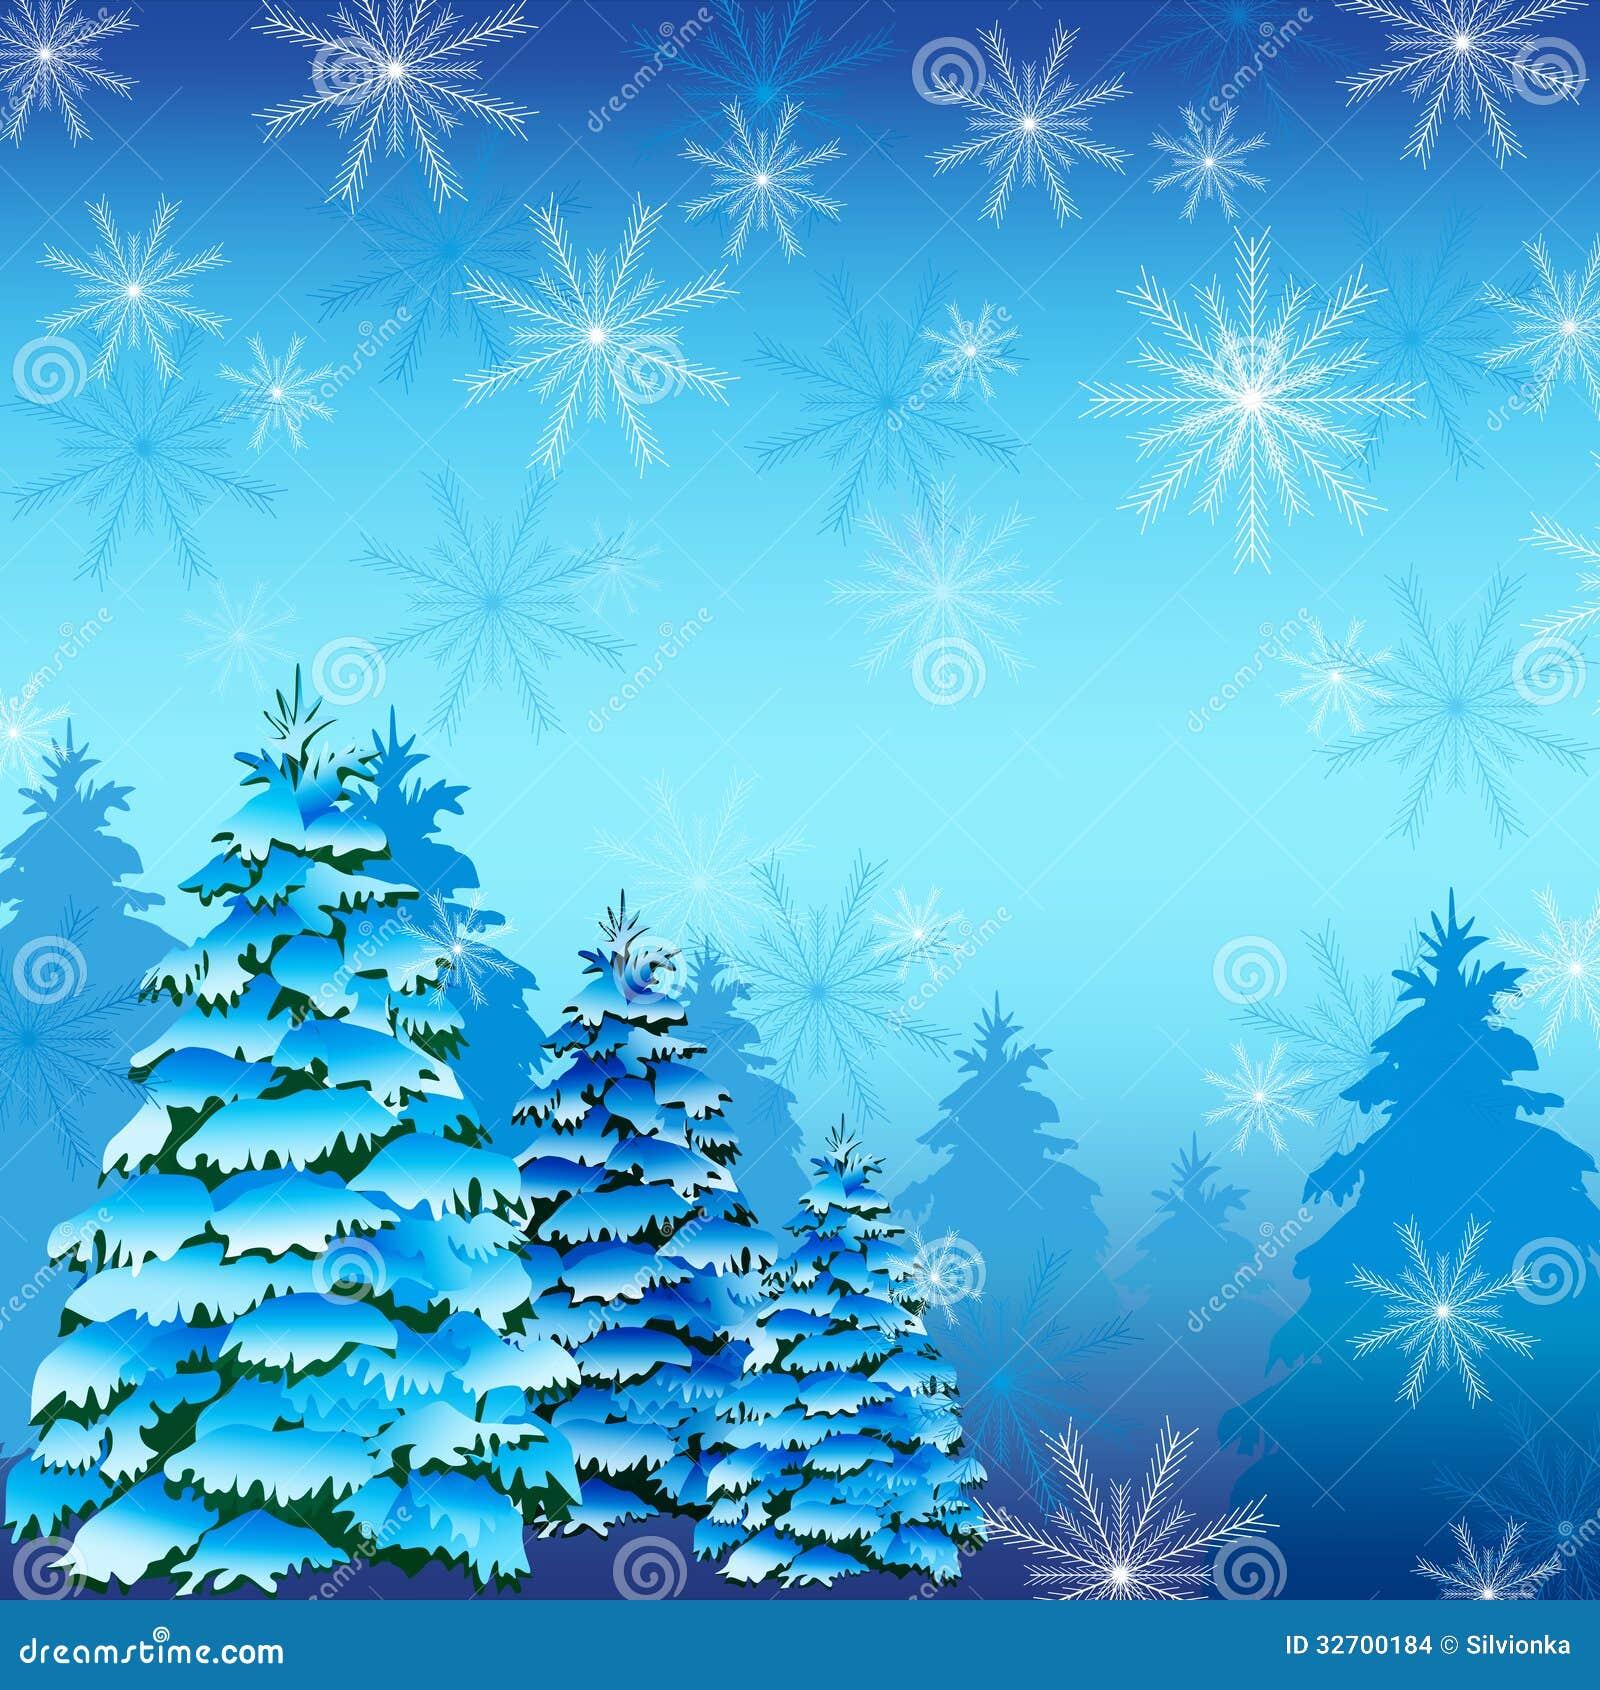 winterhintergrund mit tannenbaum und schneeflocken vektor abbildung illustration von festlich. Black Bedroom Furniture Sets. Home Design Ideas